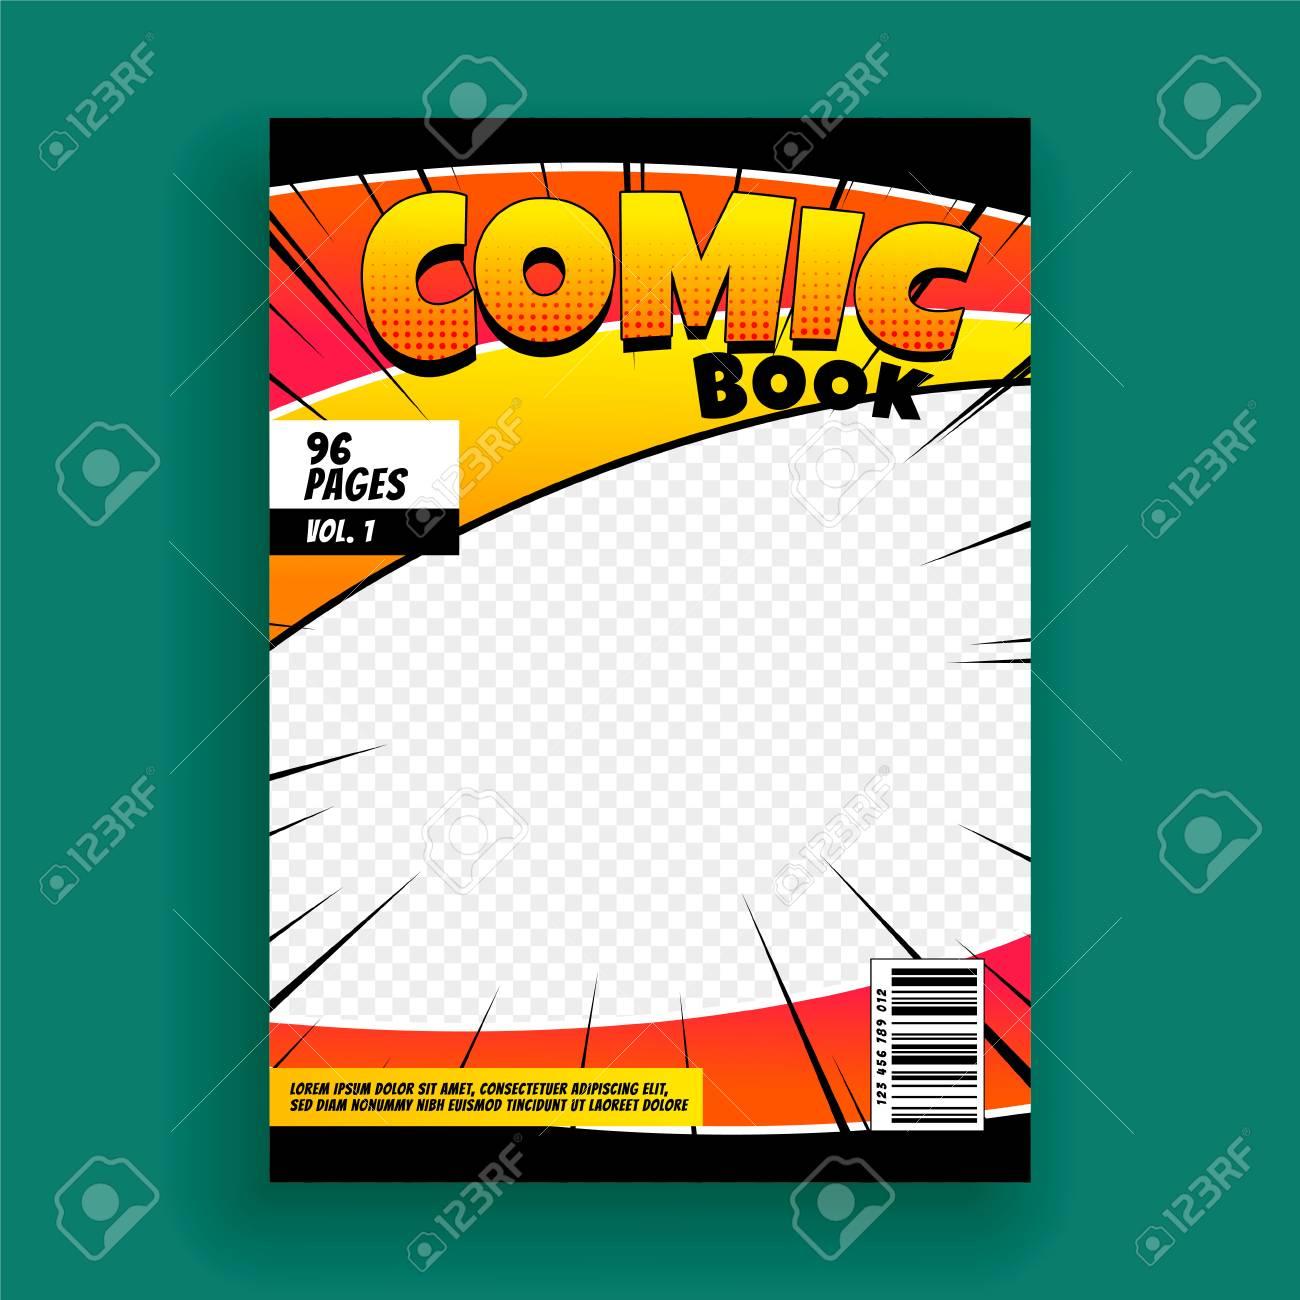 Comic Book Magazine Cover Page Design Template